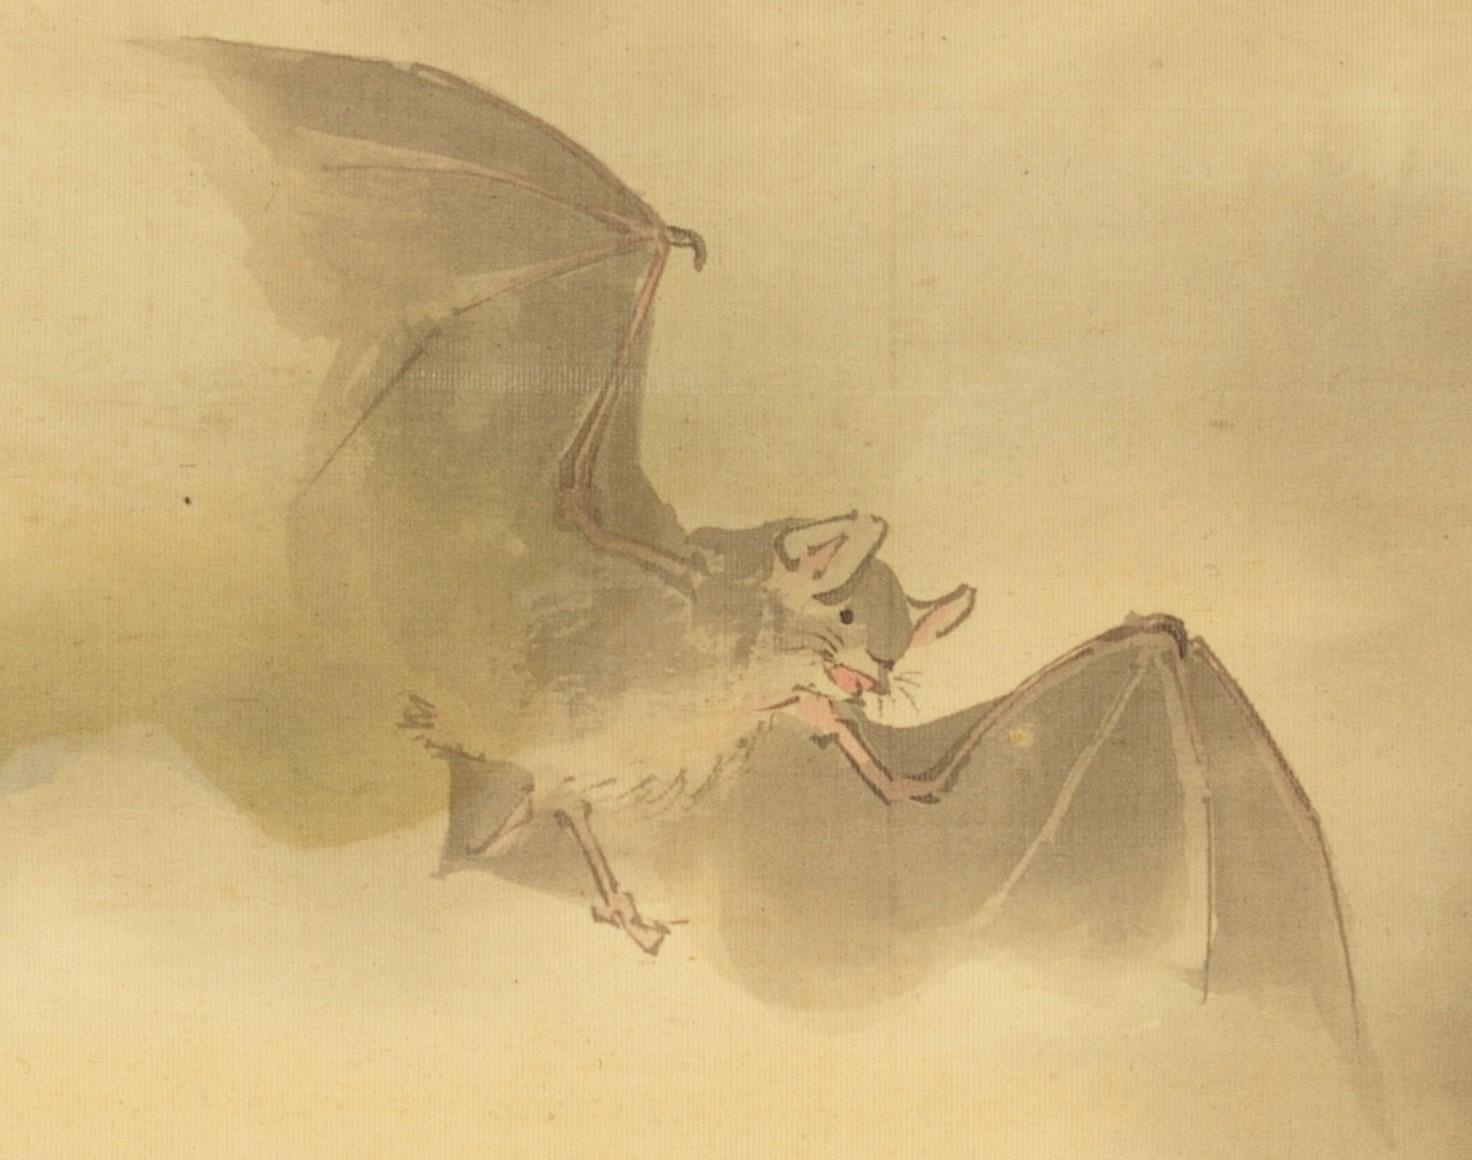 鈴木松年《月下蝙蝠図》 - コピー